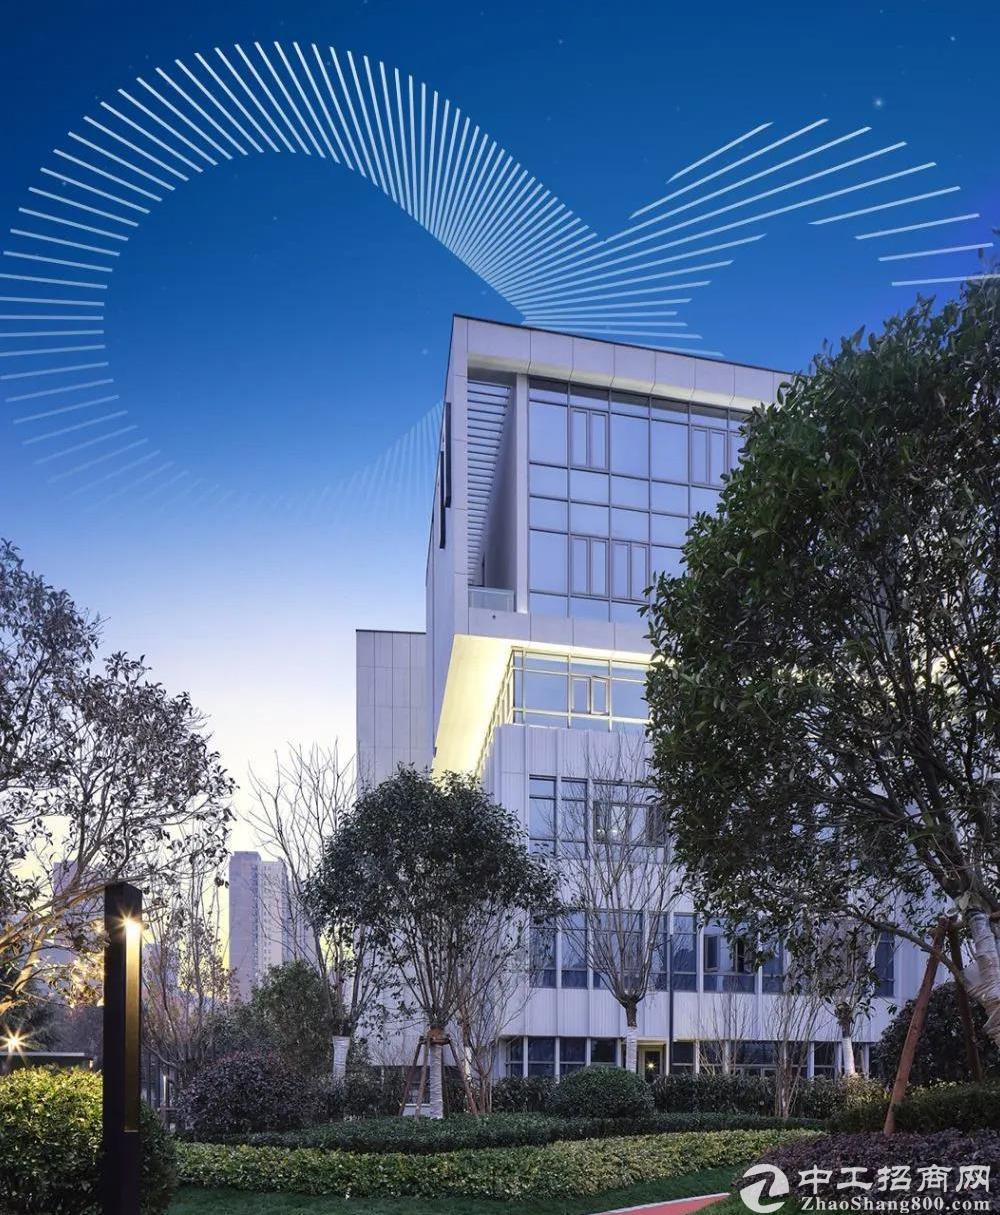 「新盘亮相」万科云谷:国际化企业名片 西安CBD低密独栋总部园区